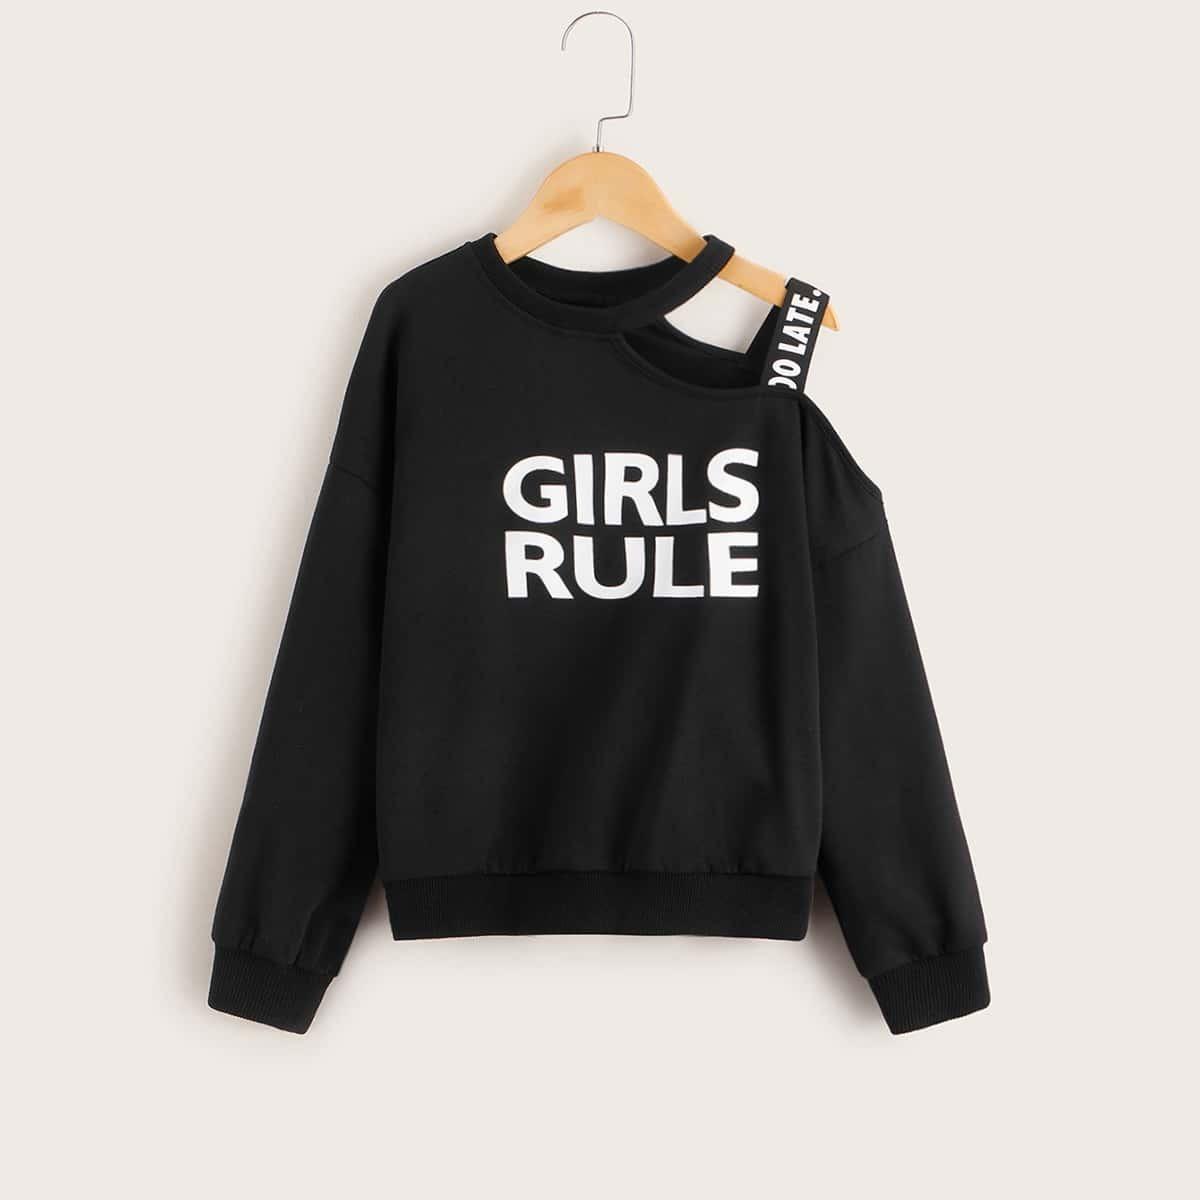 Пуловер на одно плечо с текстовым принтом для девочек от SHEIN